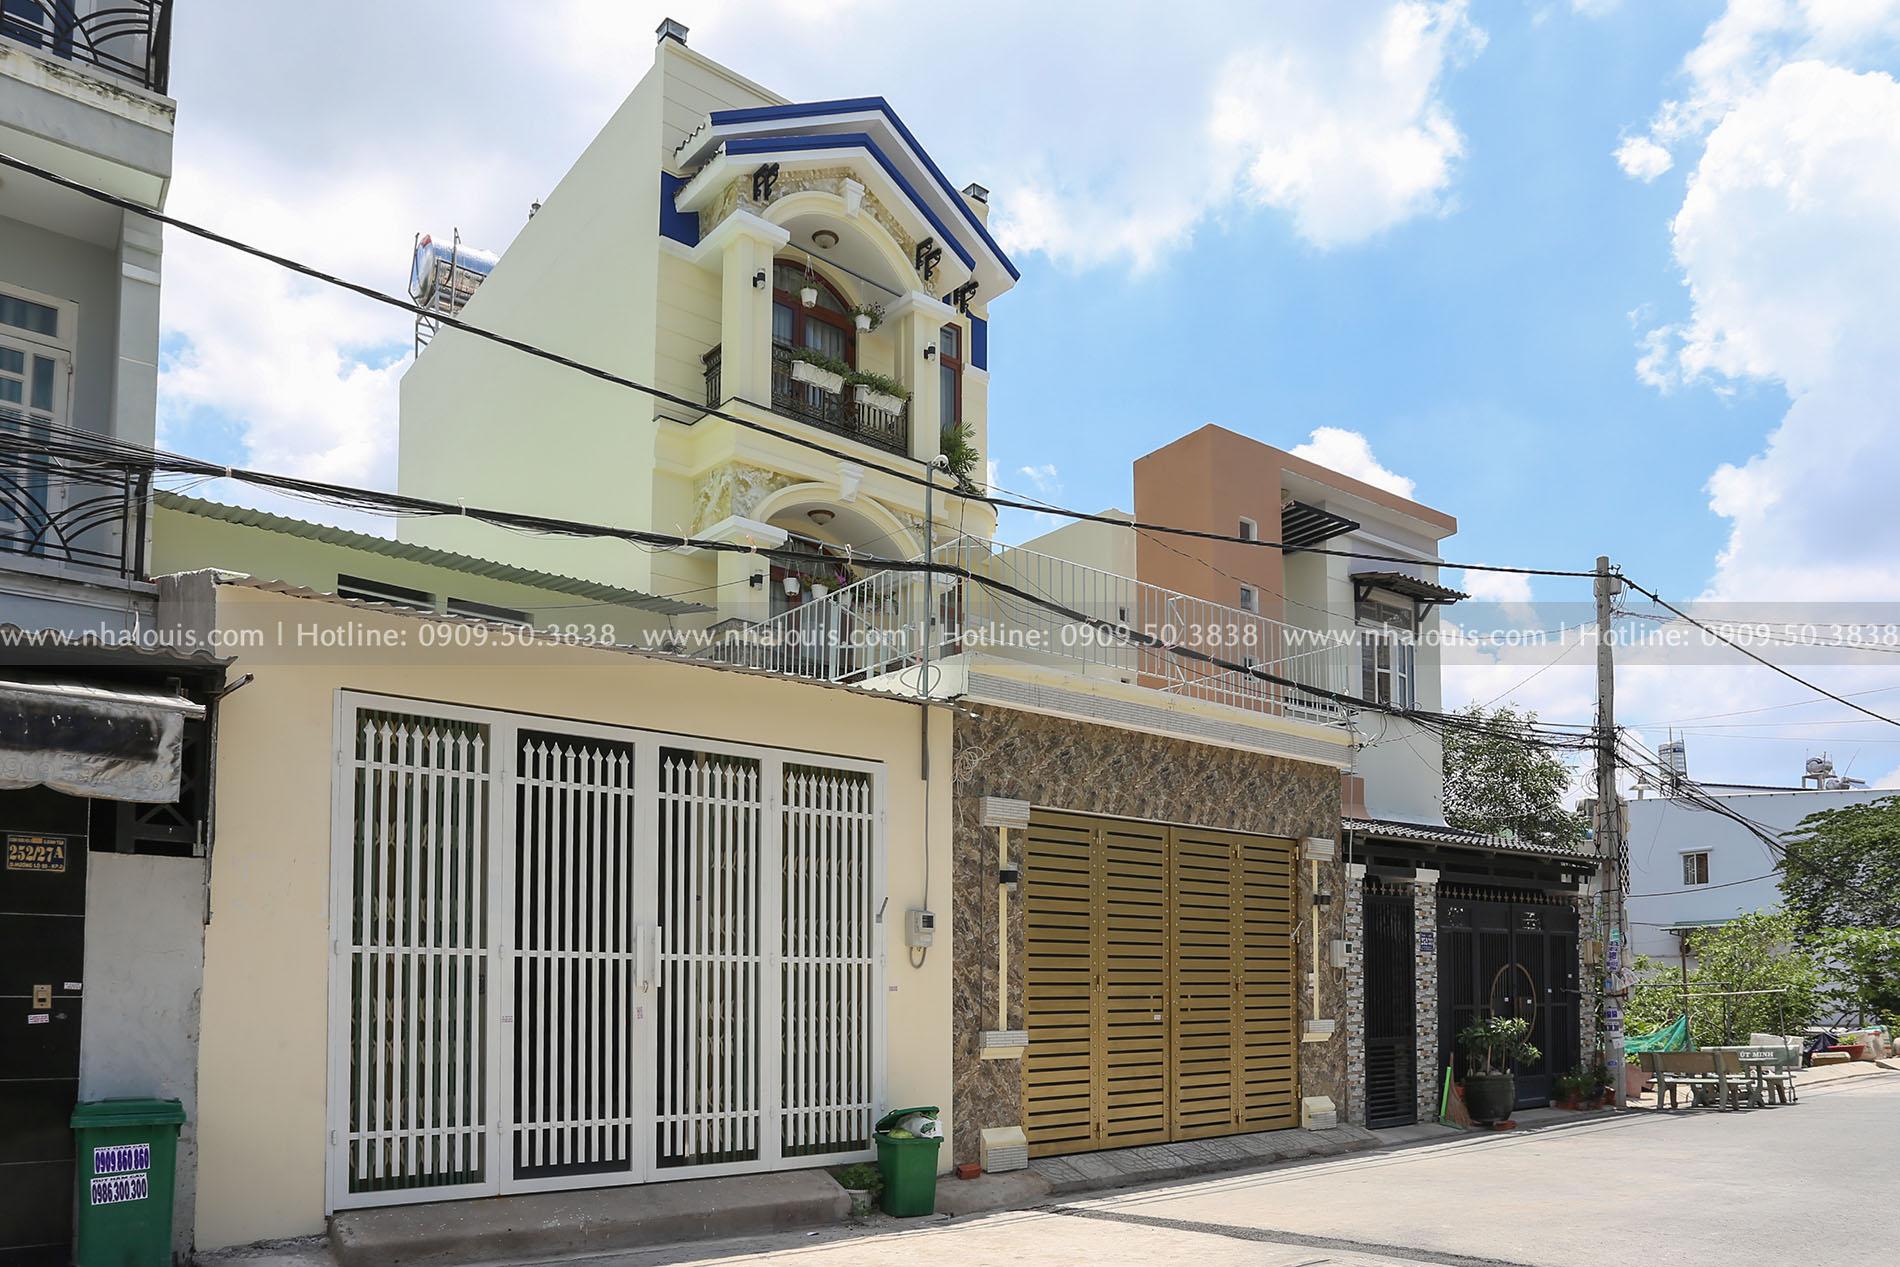 Nhà phố 1 trệt 2 lầu phong cách tân cổ điển trang nhã tại Bình Tân